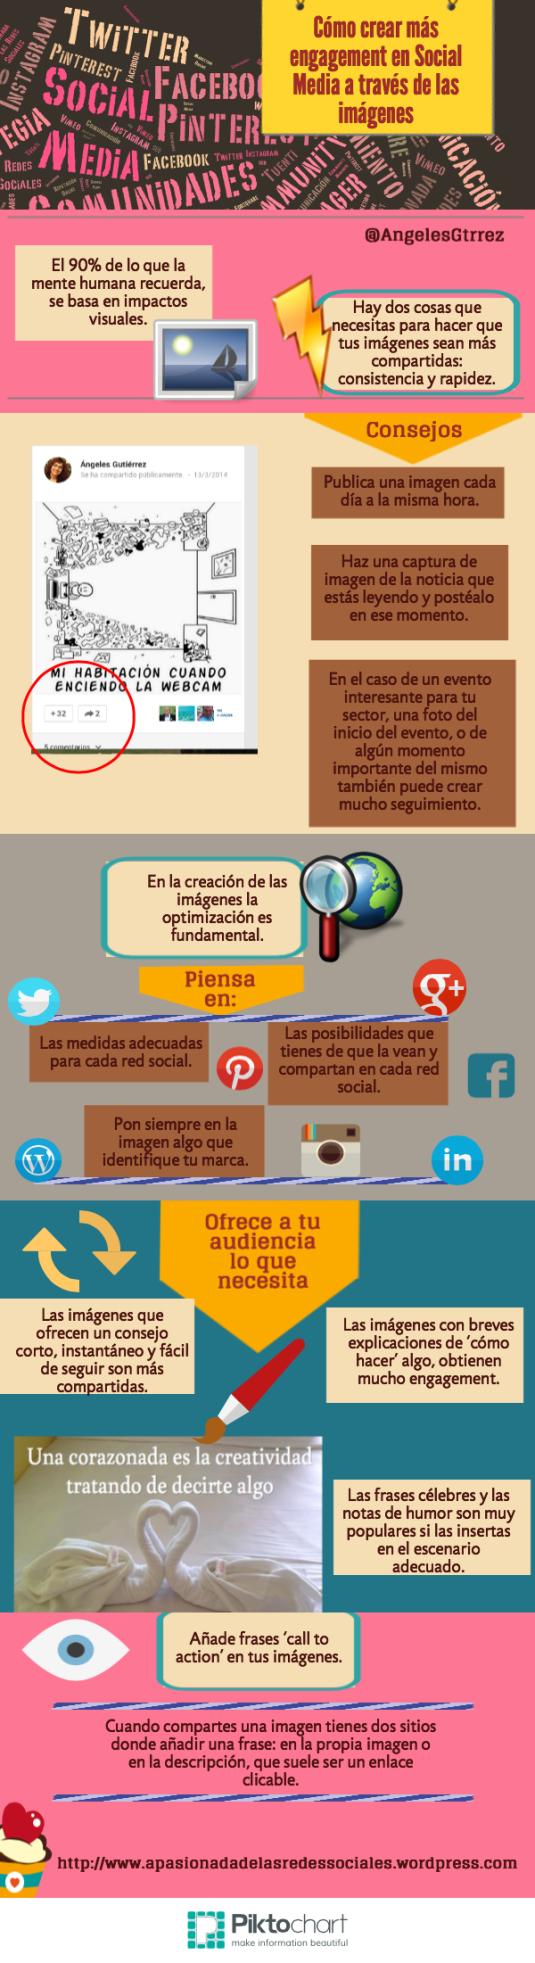 Cómo crear más engagement en Social Media a través de imágenes